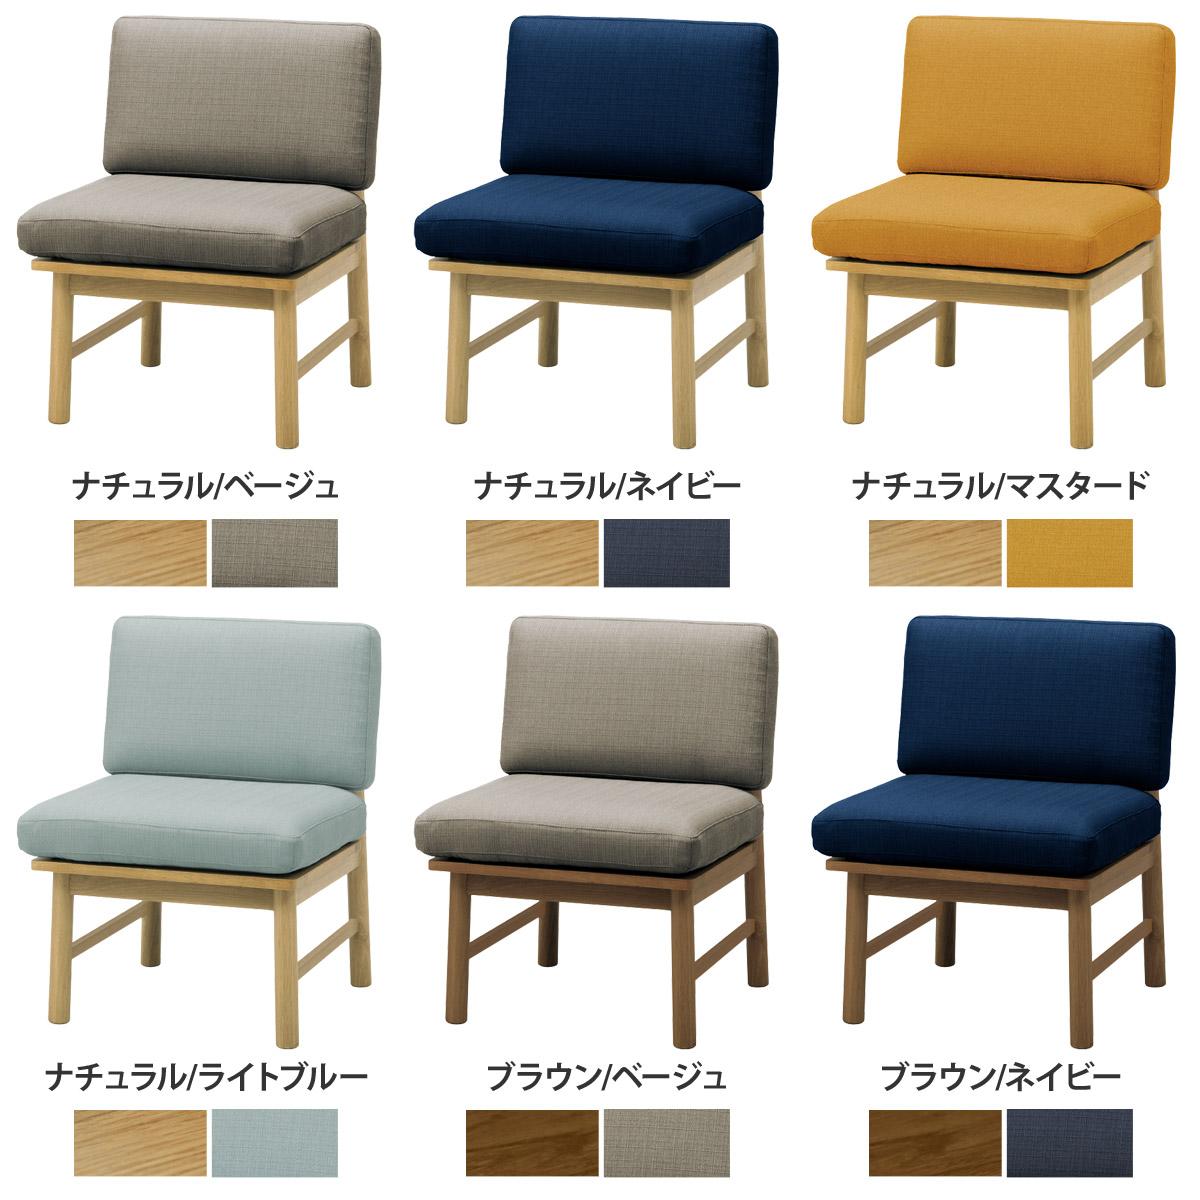 楽天市場ソファ 1人掛け フラッフ Fluff ソファ1人掛け 単品 椅子